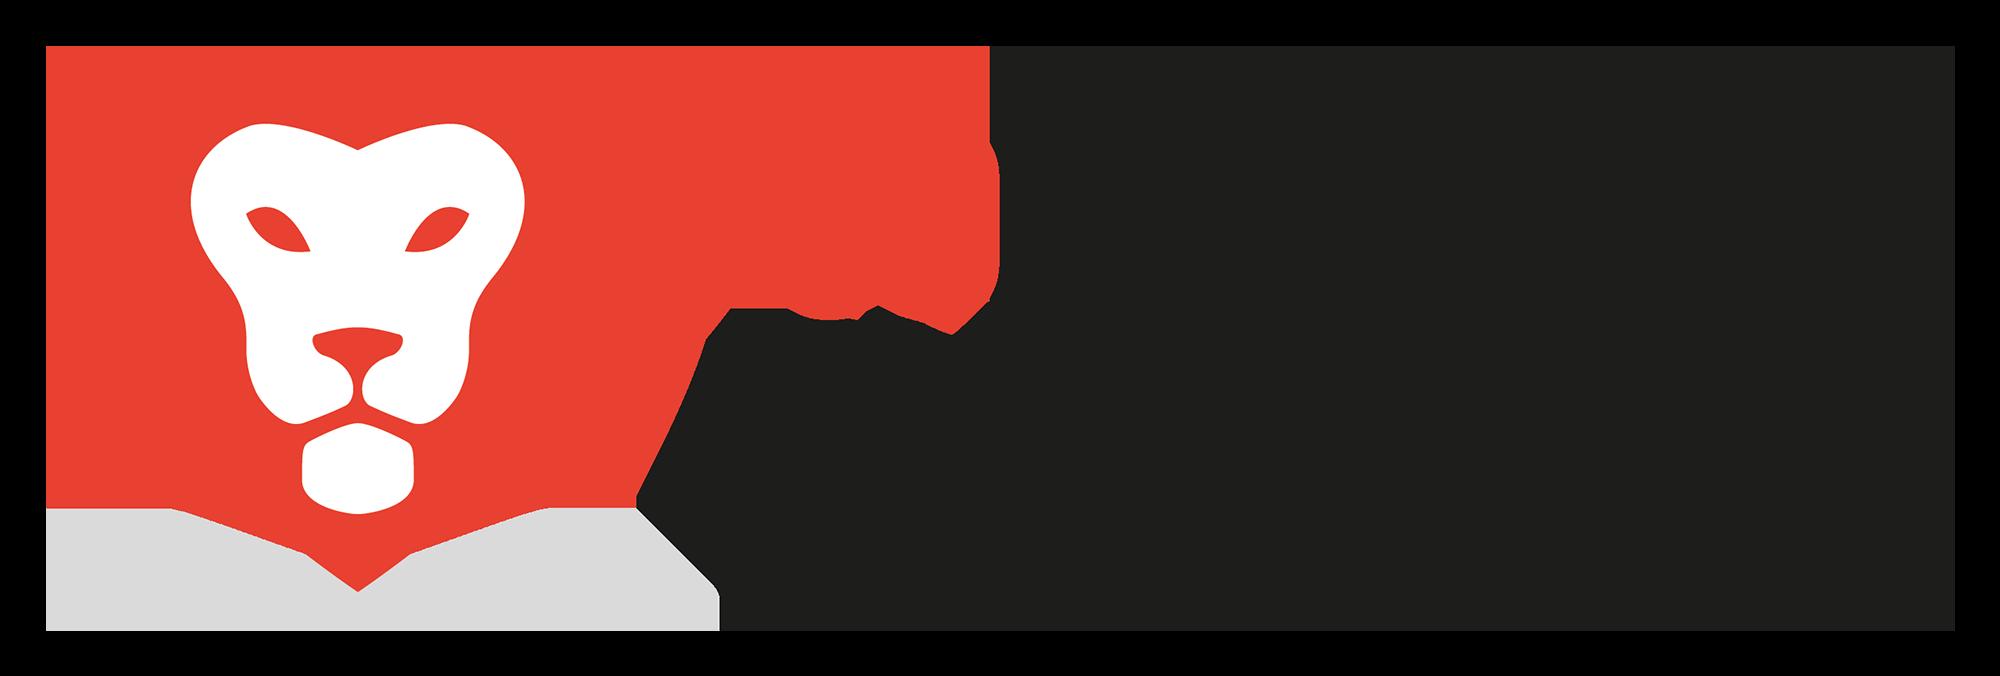 SO Nord Franche-Comté logo